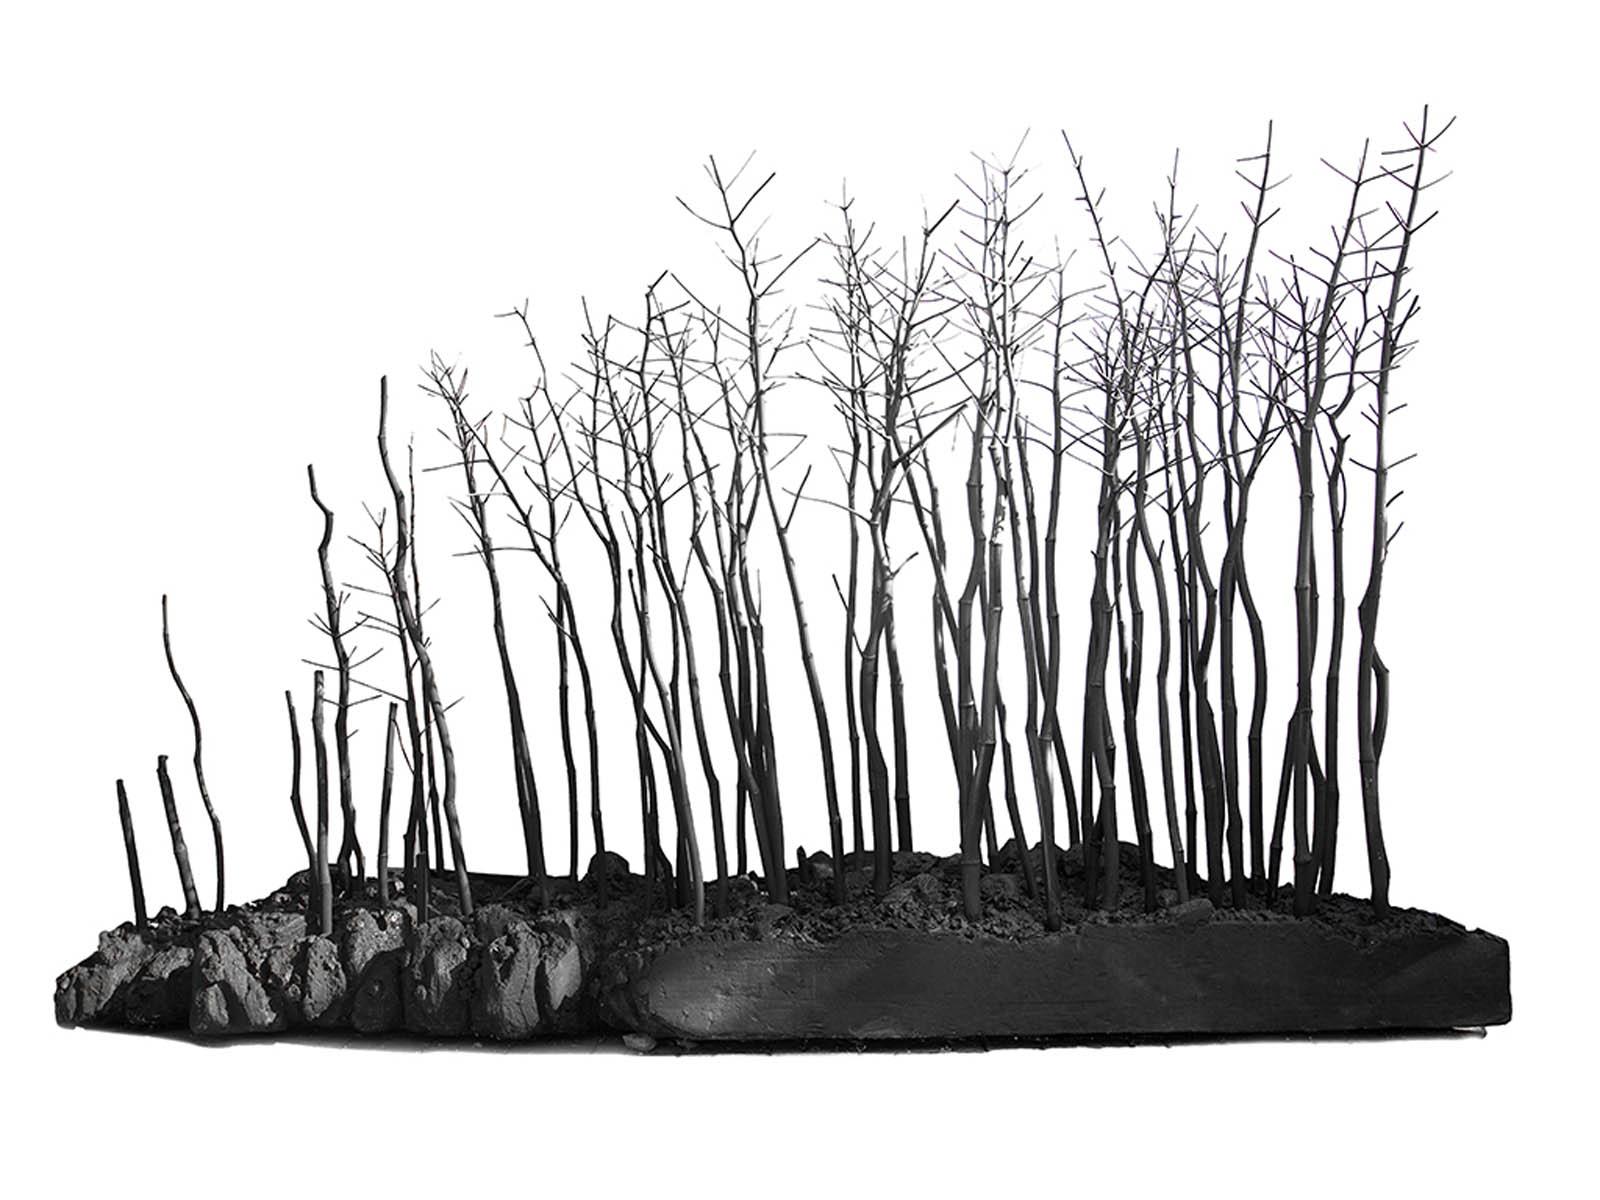 Terra in moto/Frammento di paesaggio